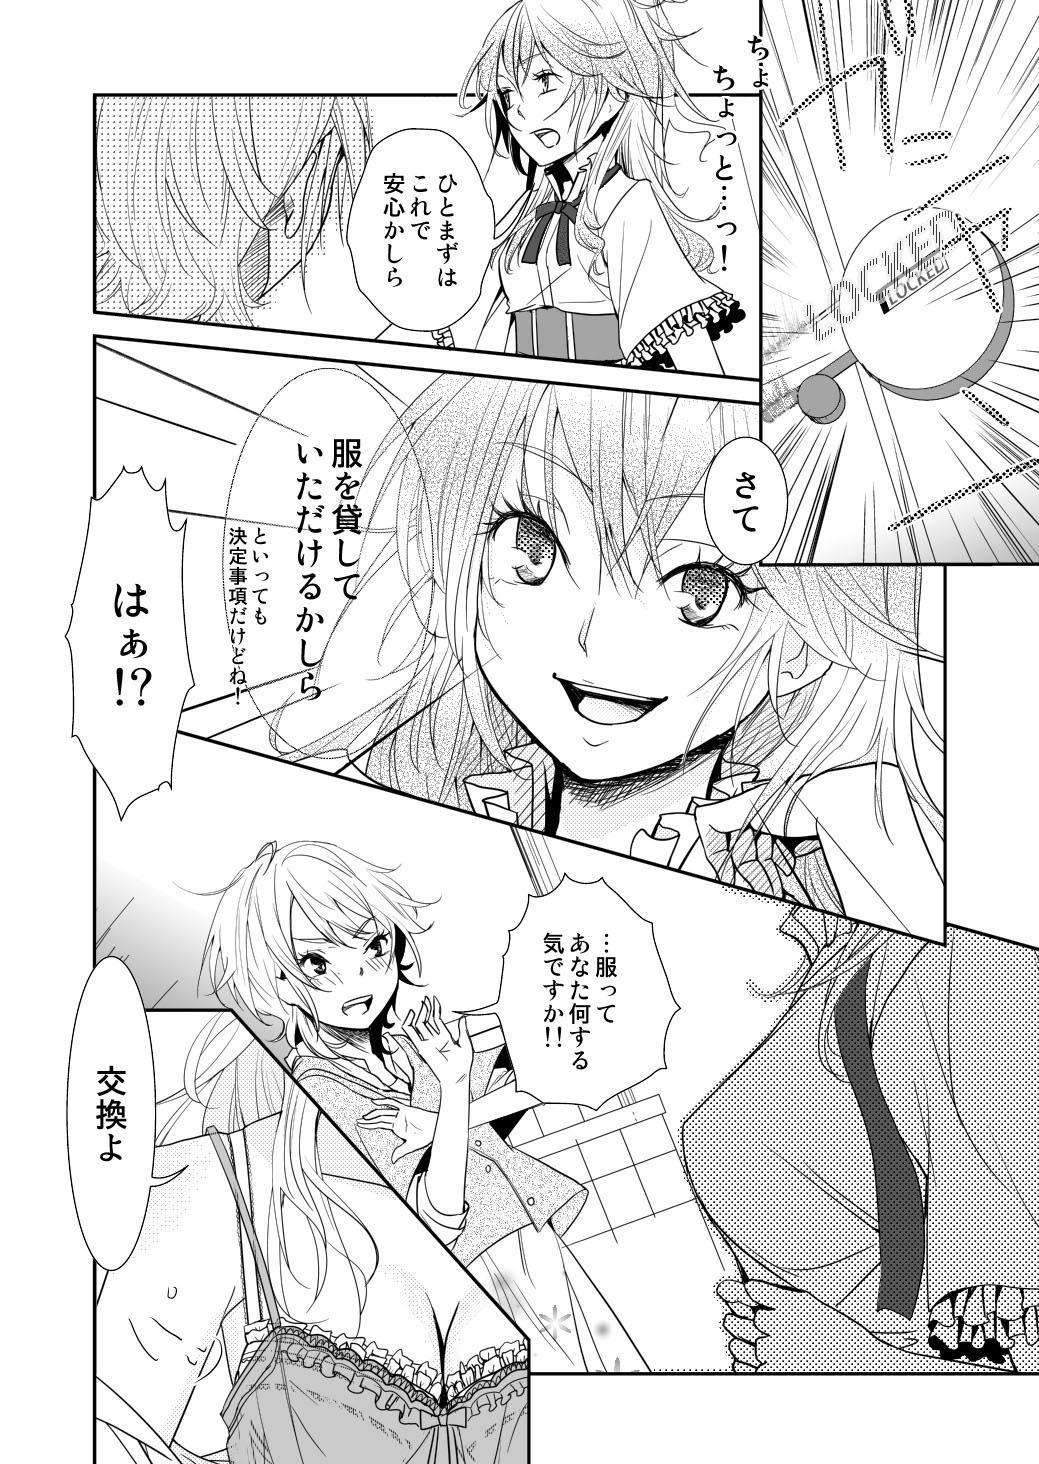 Yakusoku no Sora to Kimigaita Basho 1 ~ 2 7